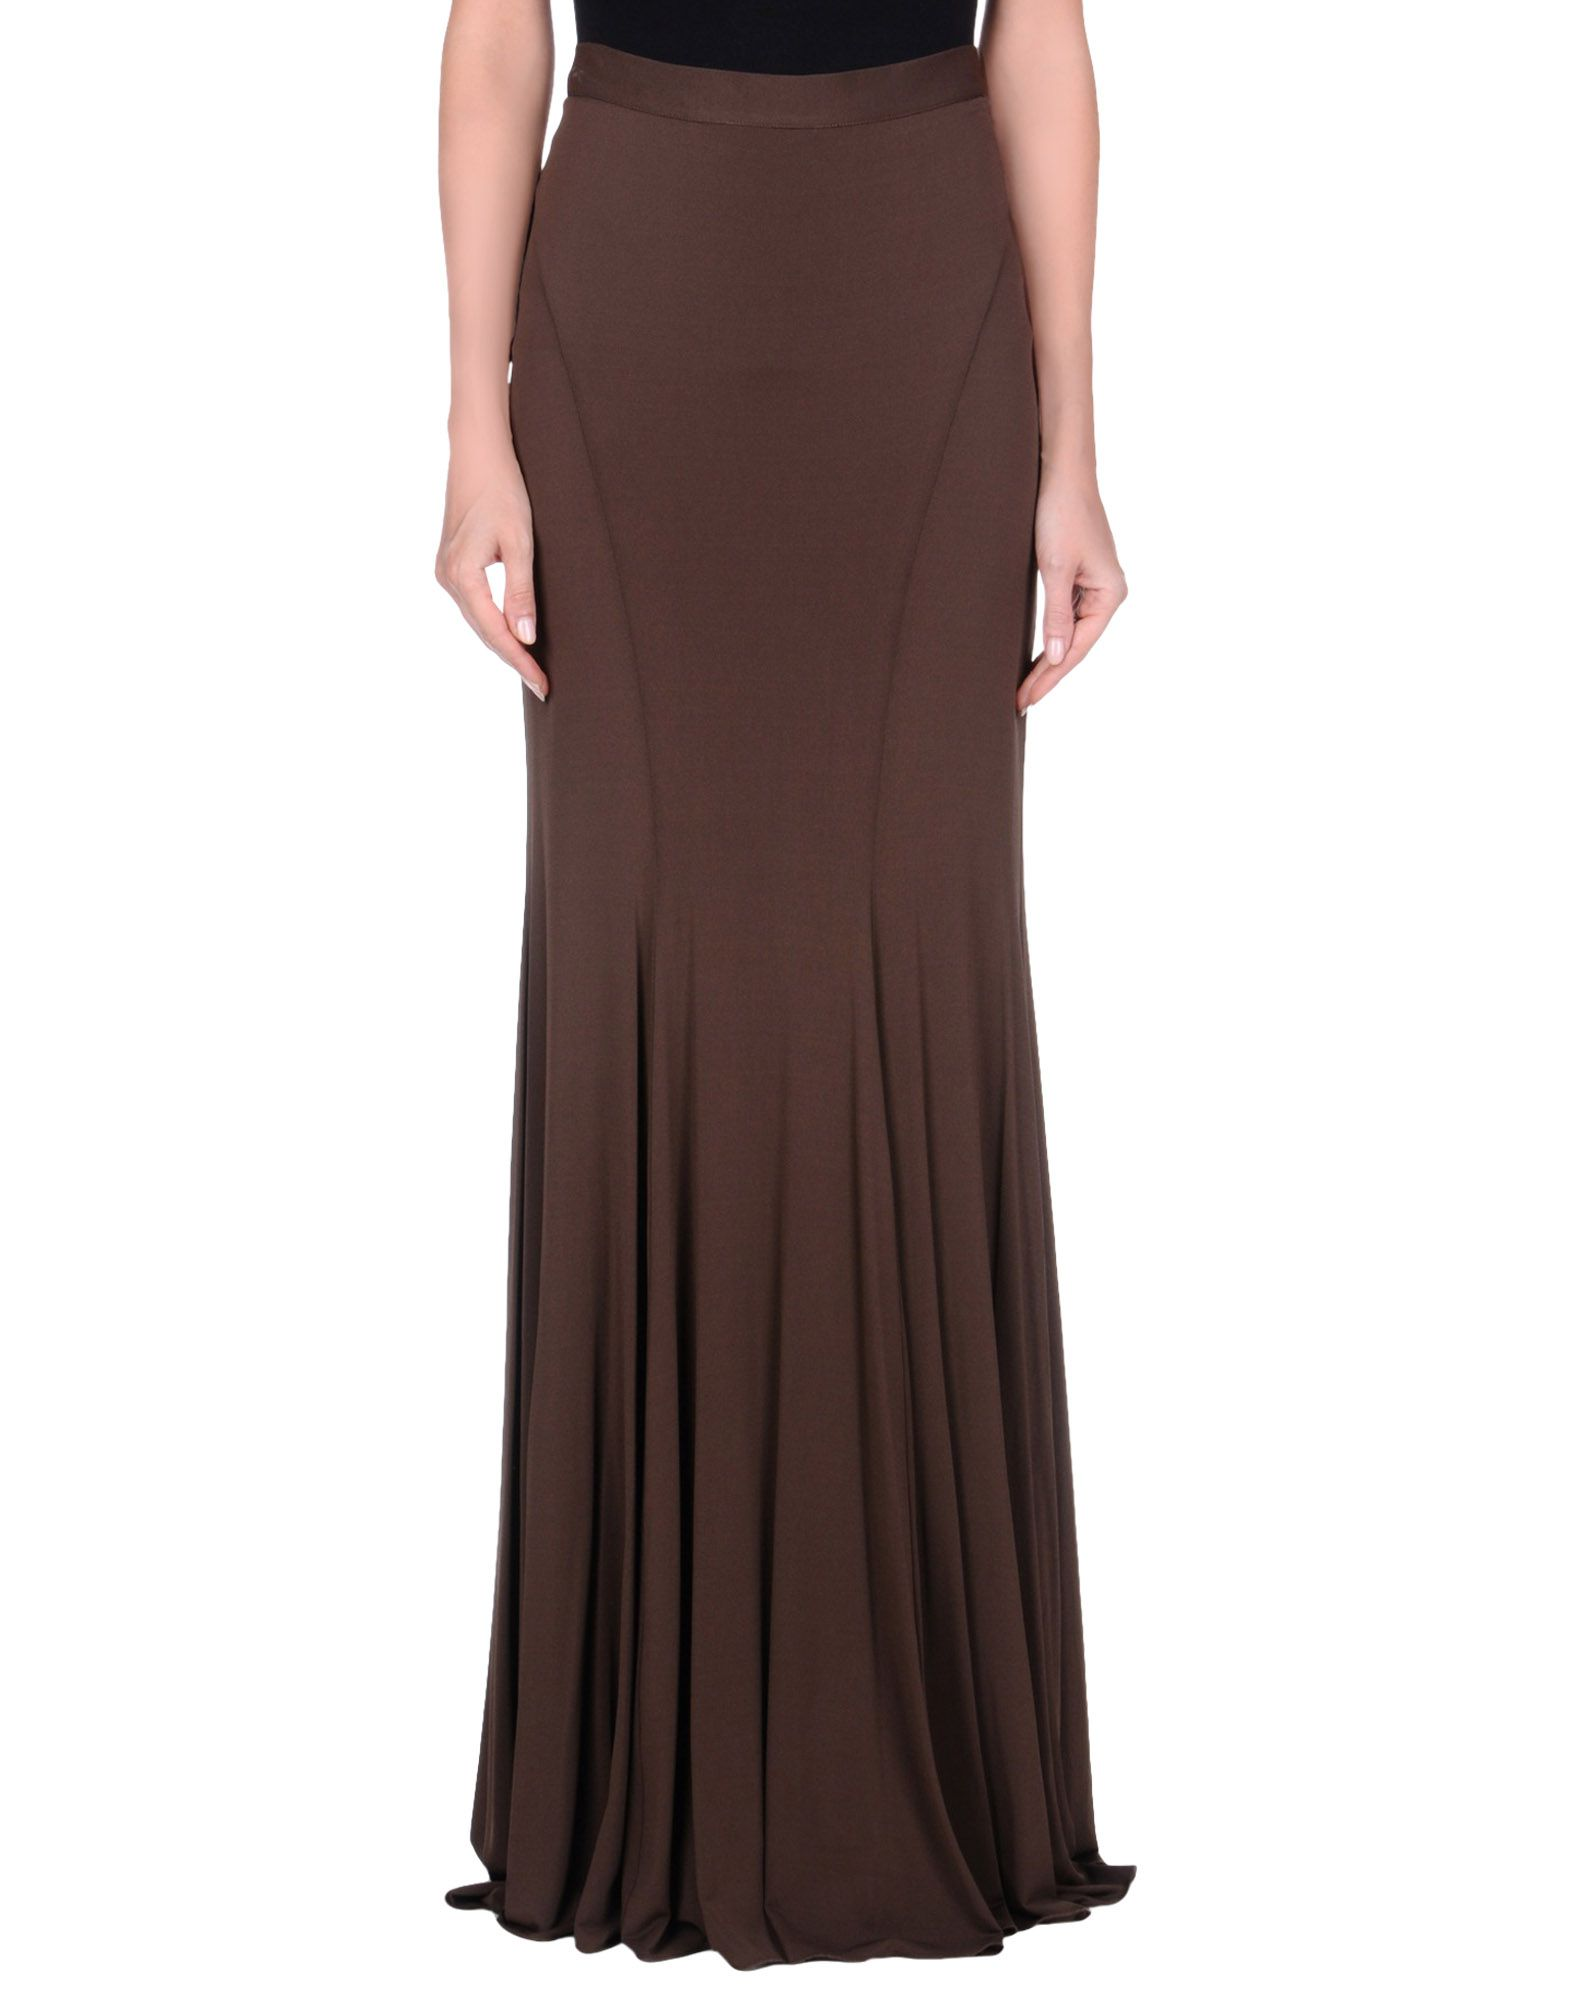 BLUMARINE Damen Maxirock Farbe Mittelbraun Größe 7 jetztbilligerkaufen